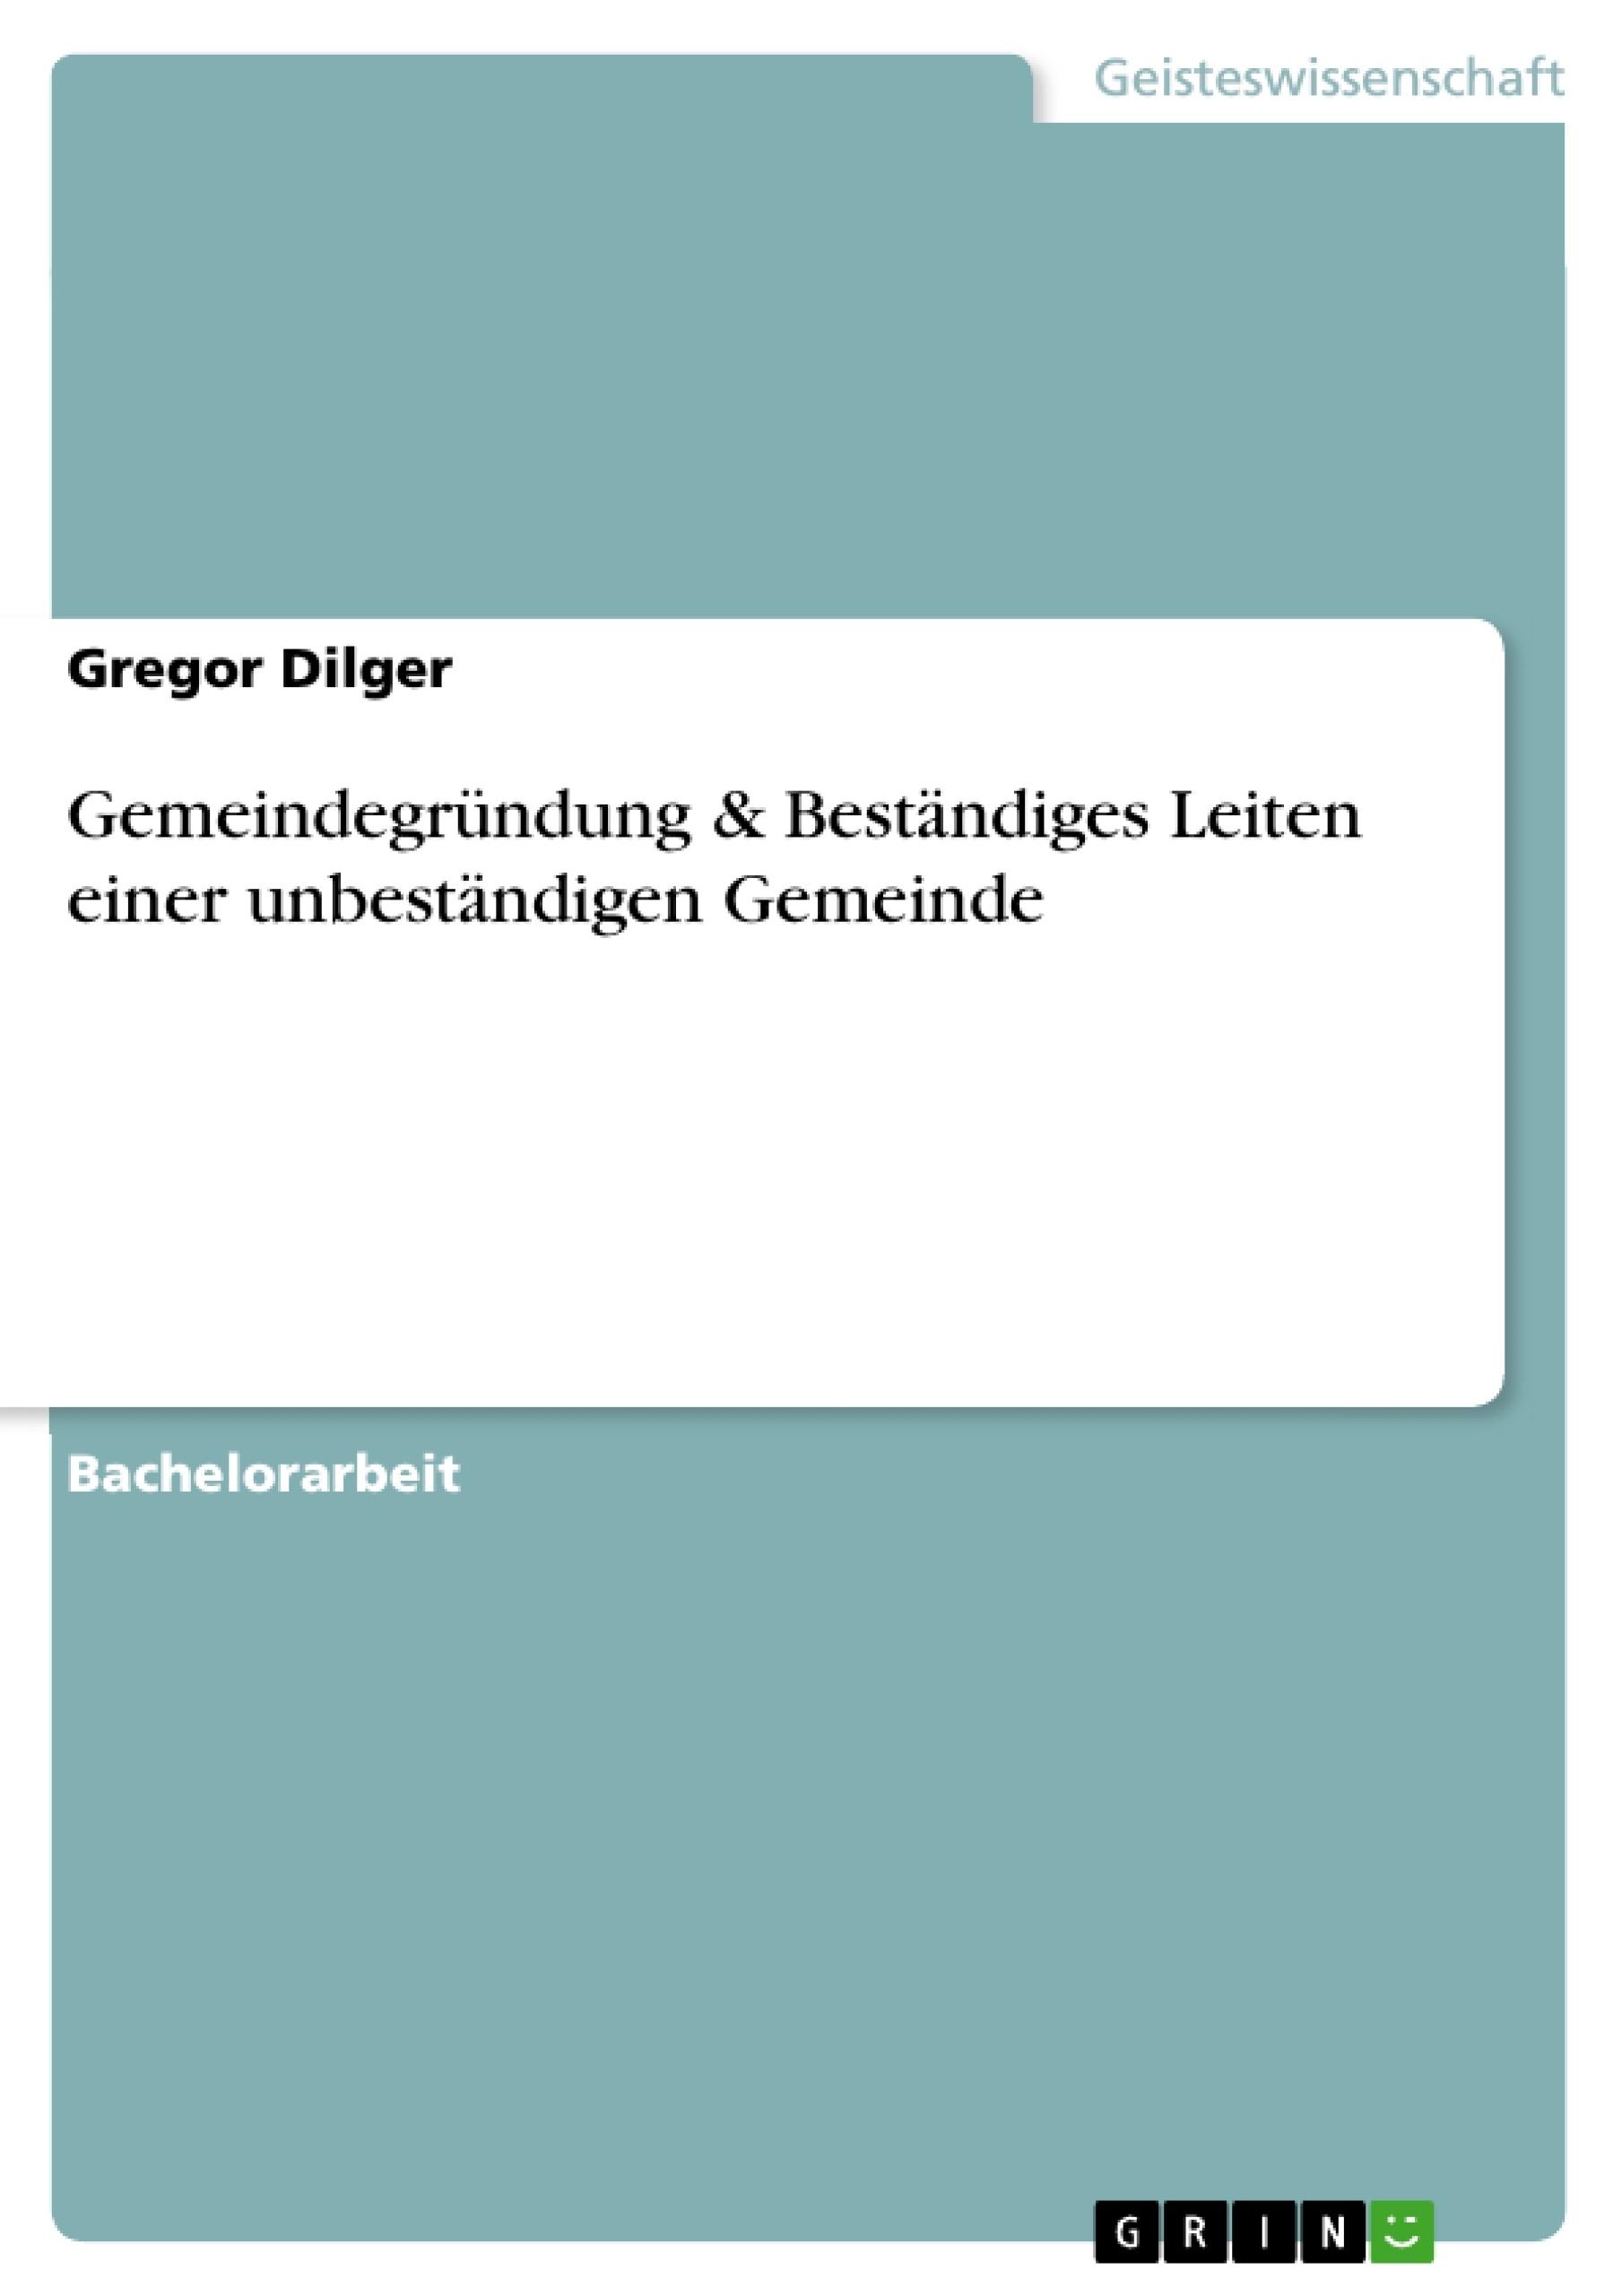 Titel: Gemeindegründung & Beständiges Leiten einer unbeständigen Gemeinde